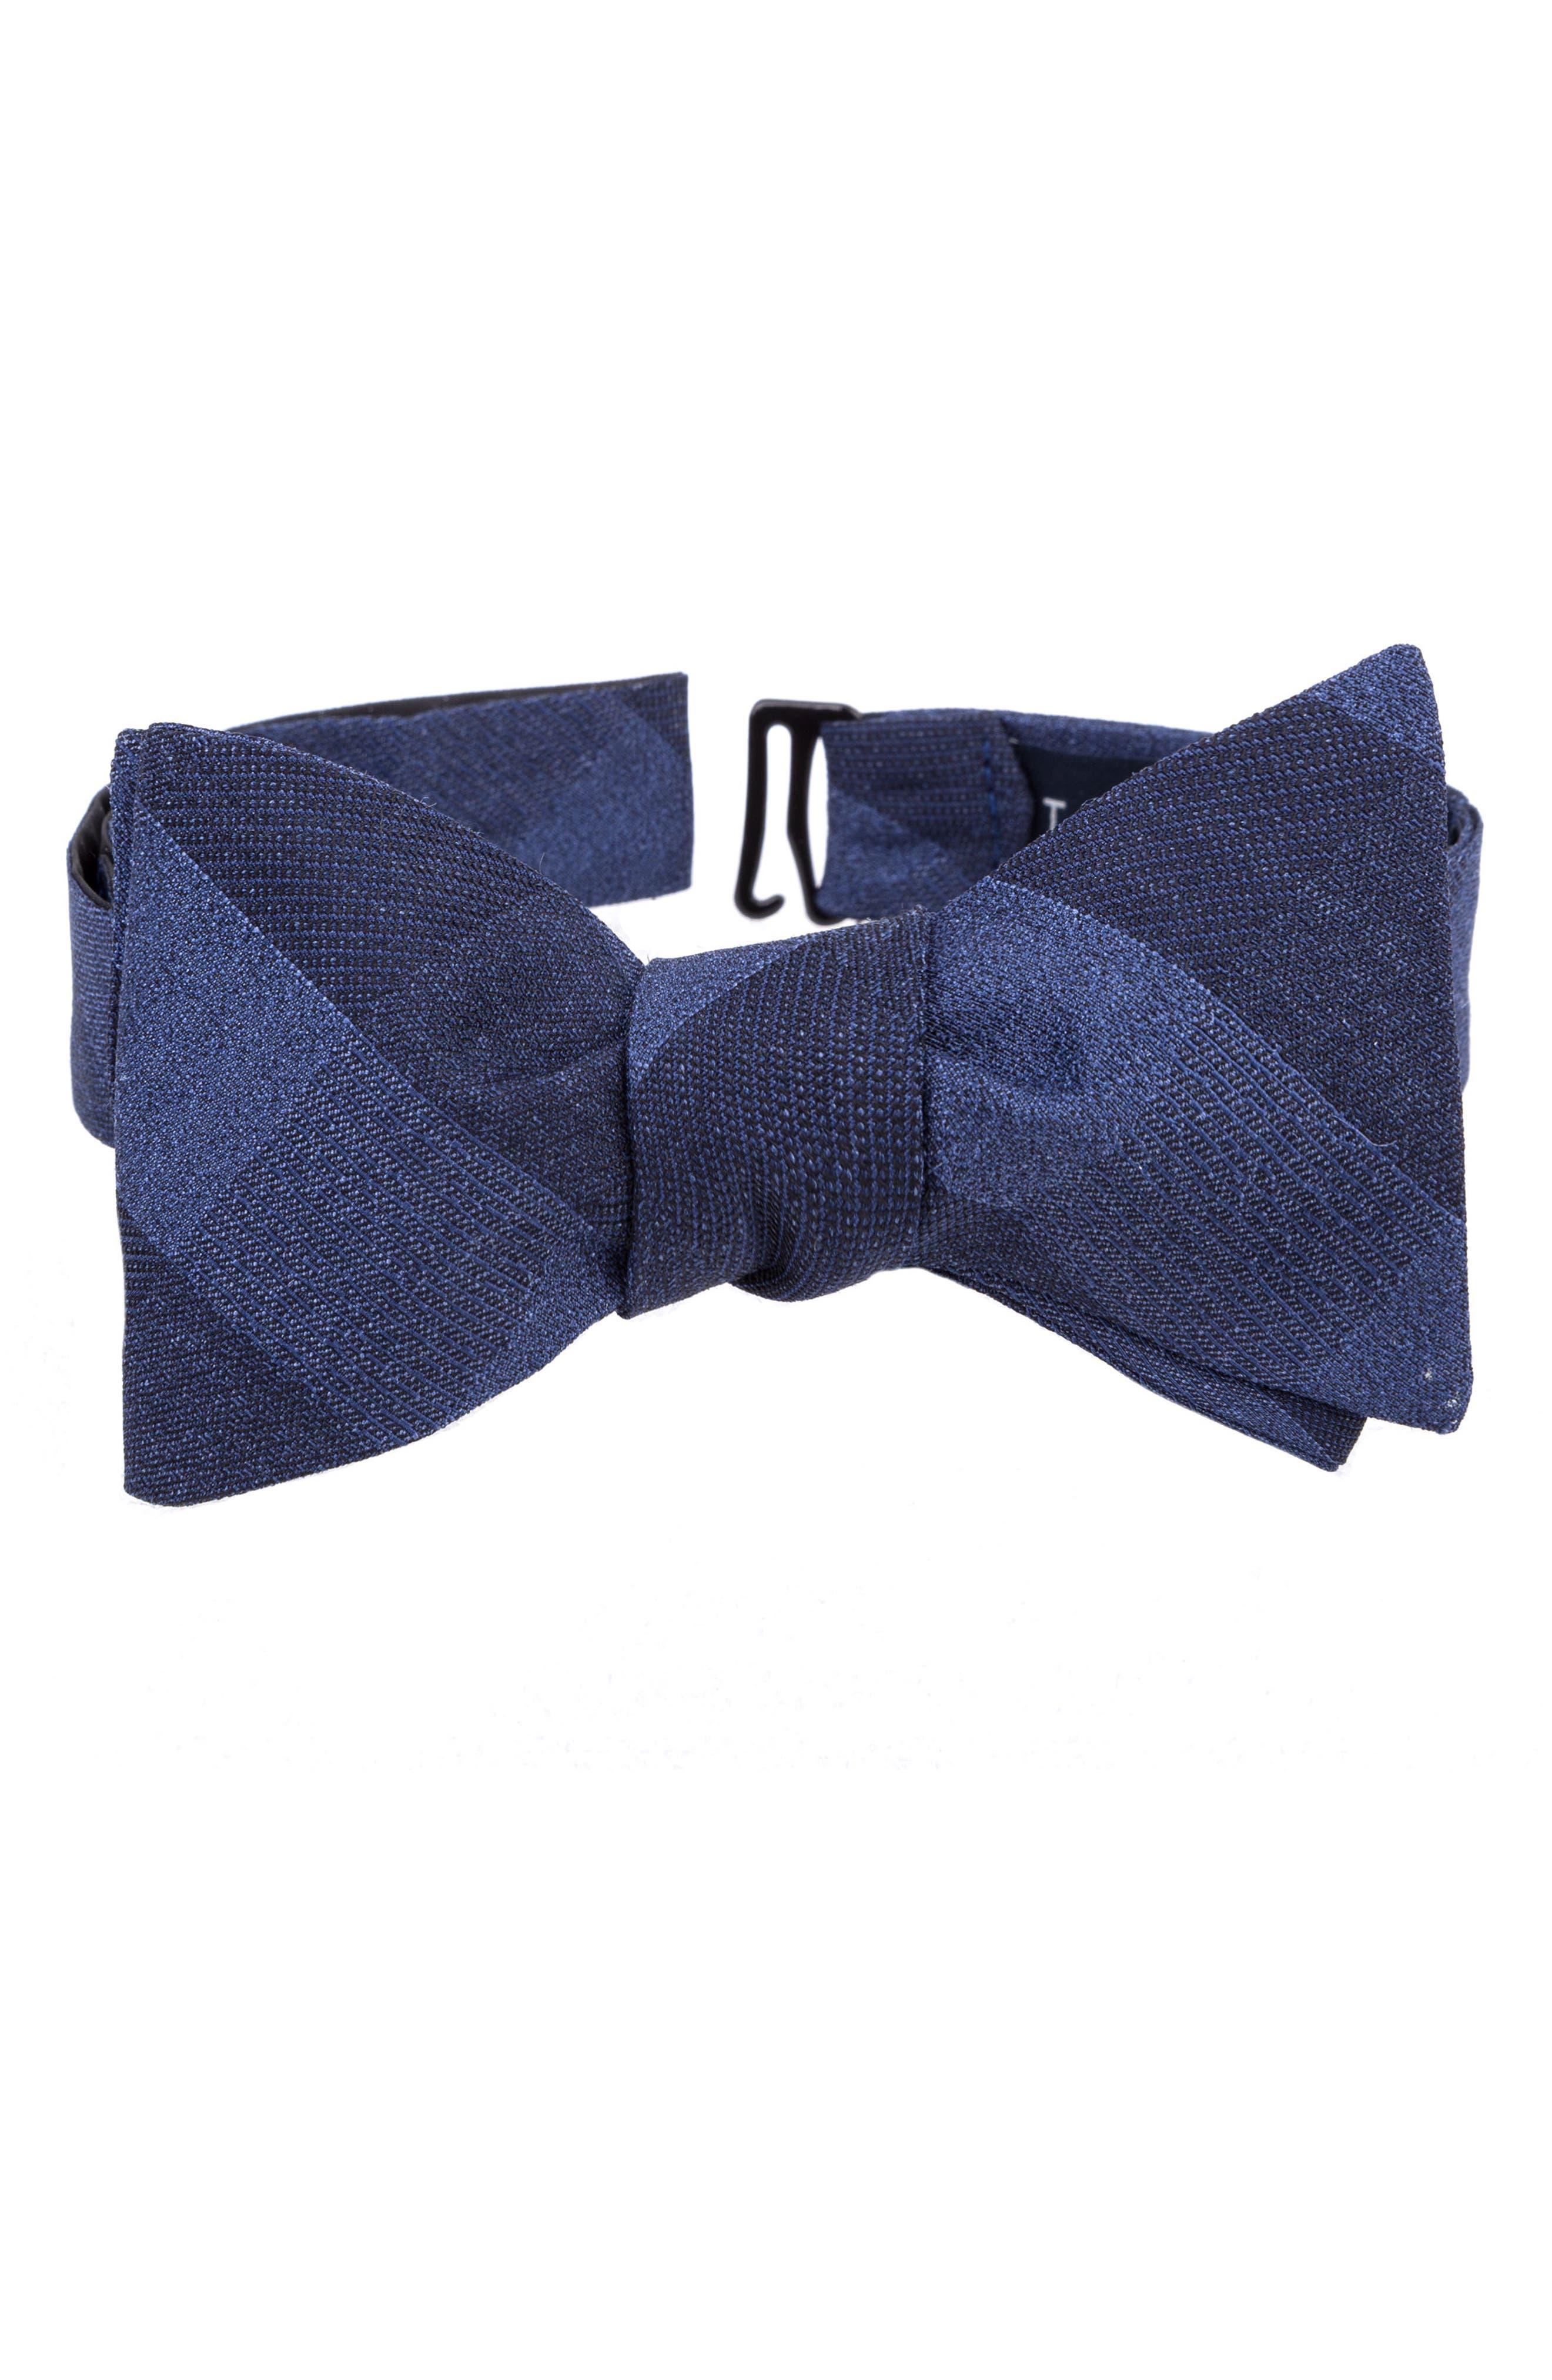 Indigo Wardrobe Silk Bow Tie,                         Main,                         color, 430